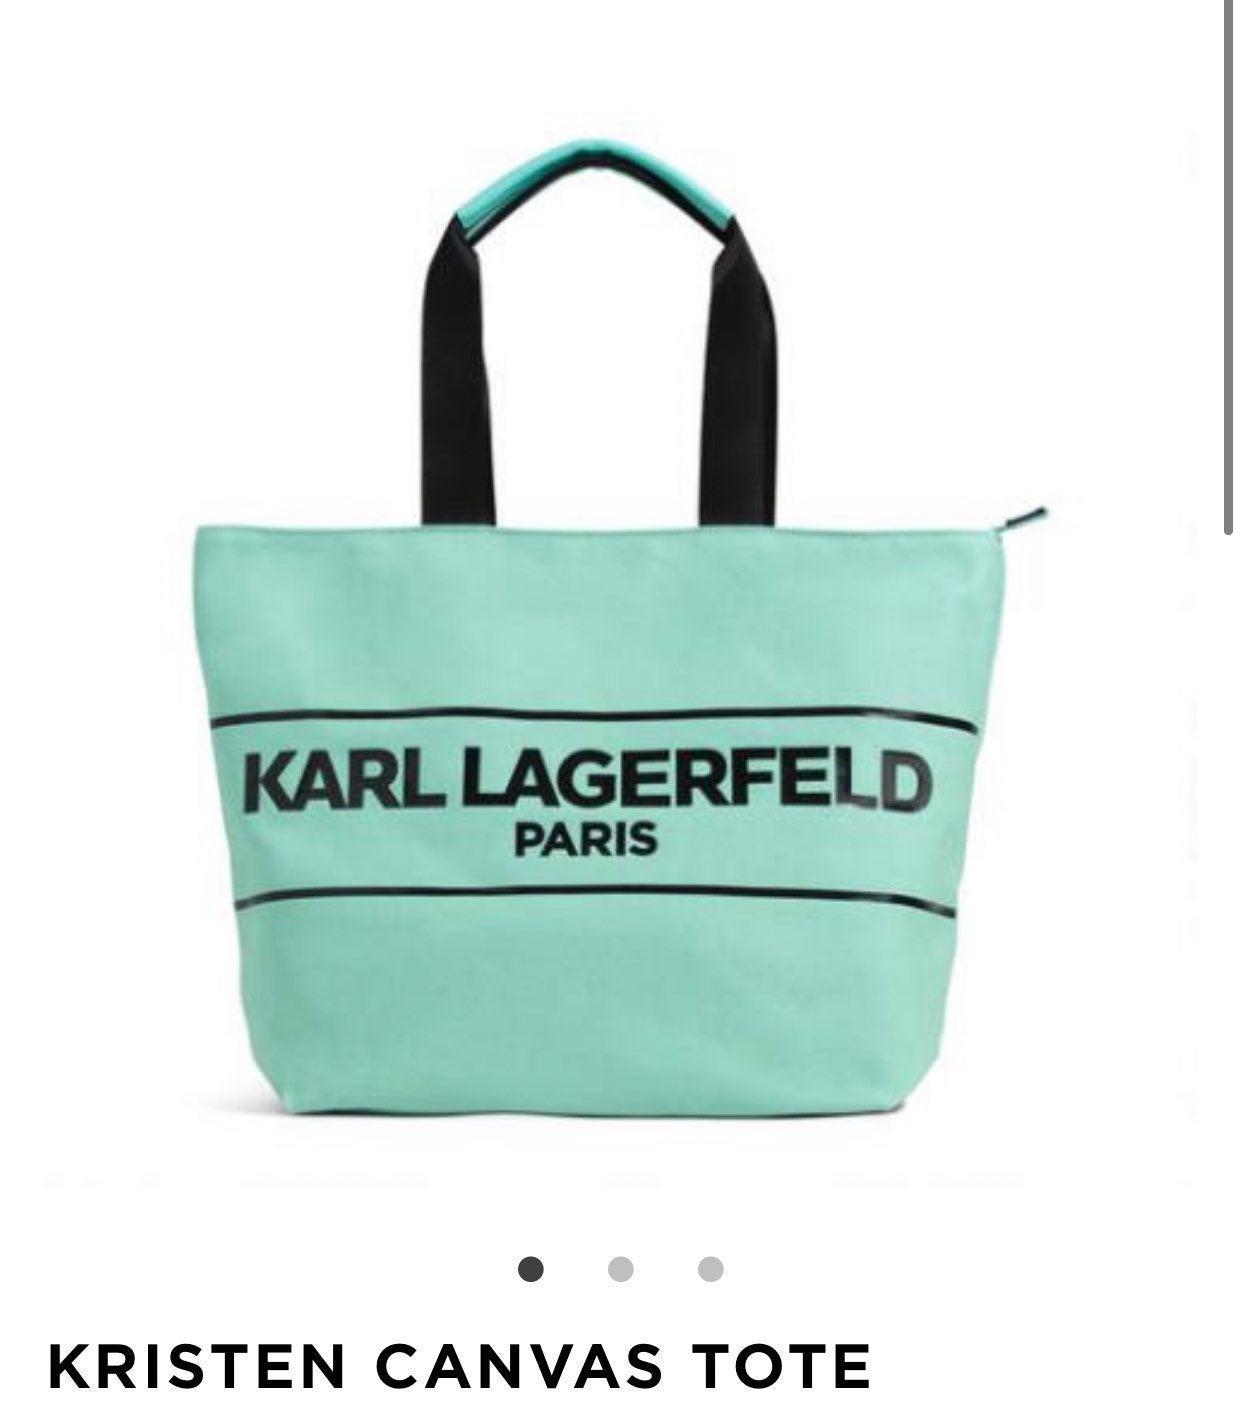 Karl Lagerfeld Tiffany Blue Tote Bag